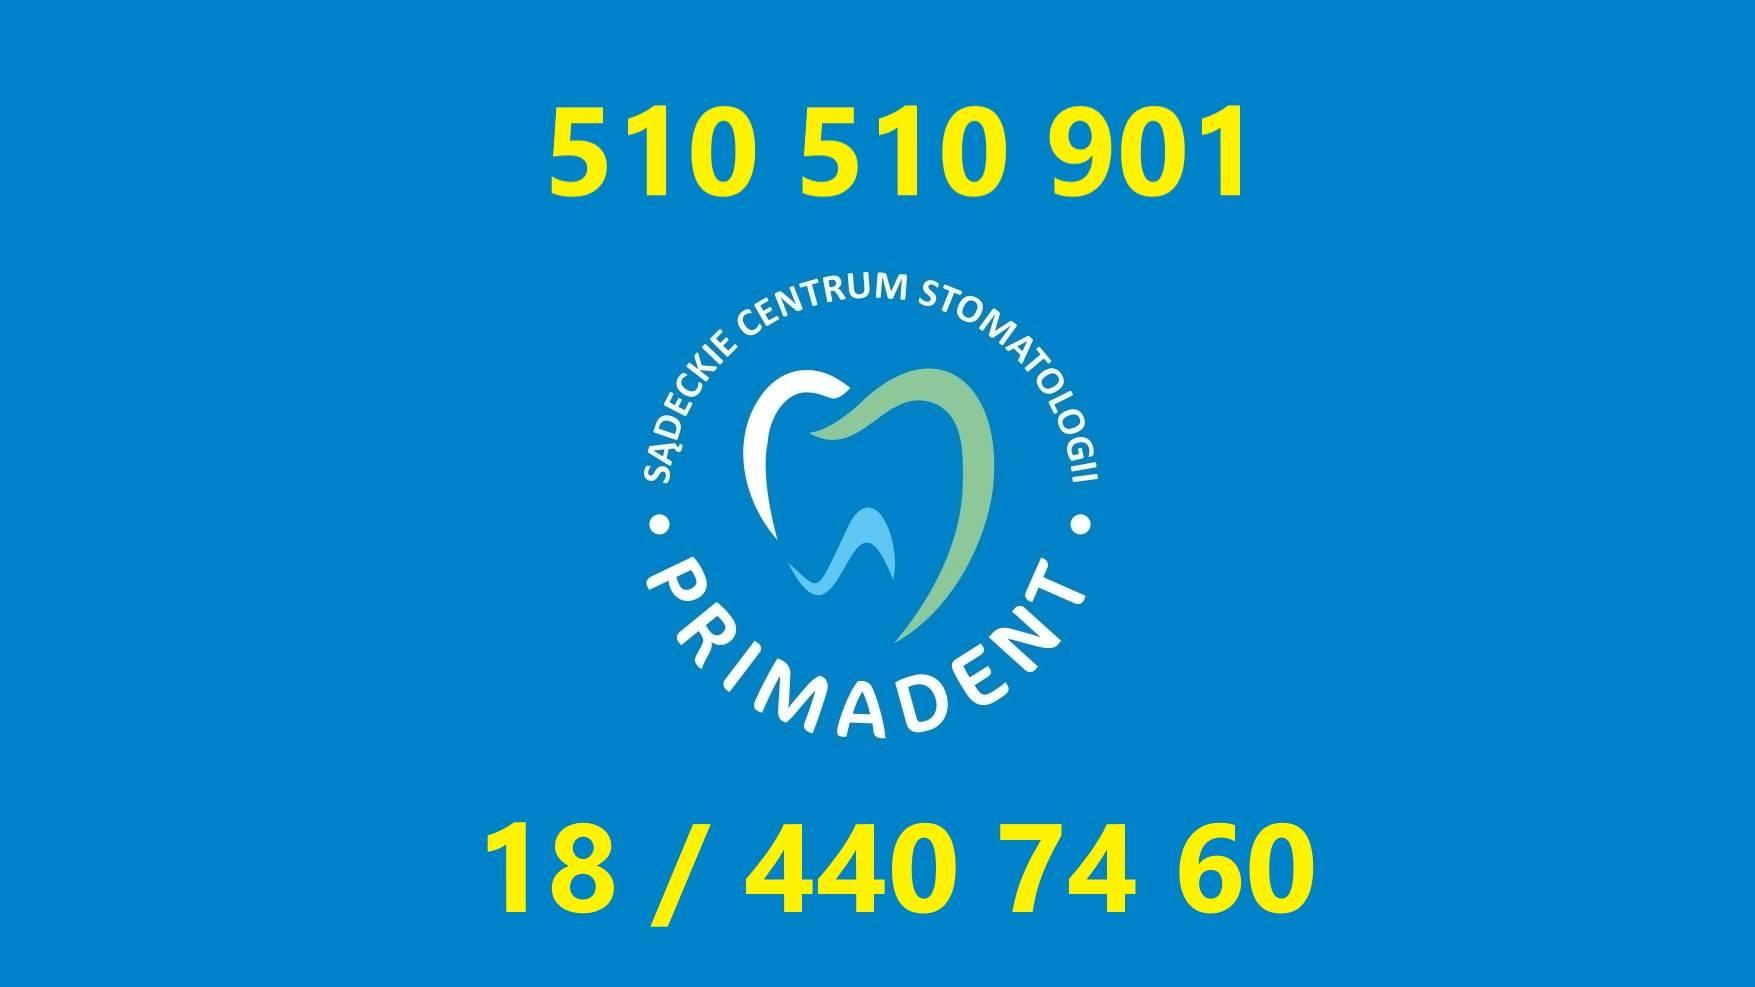 dodatkowe numery telefonów primadent